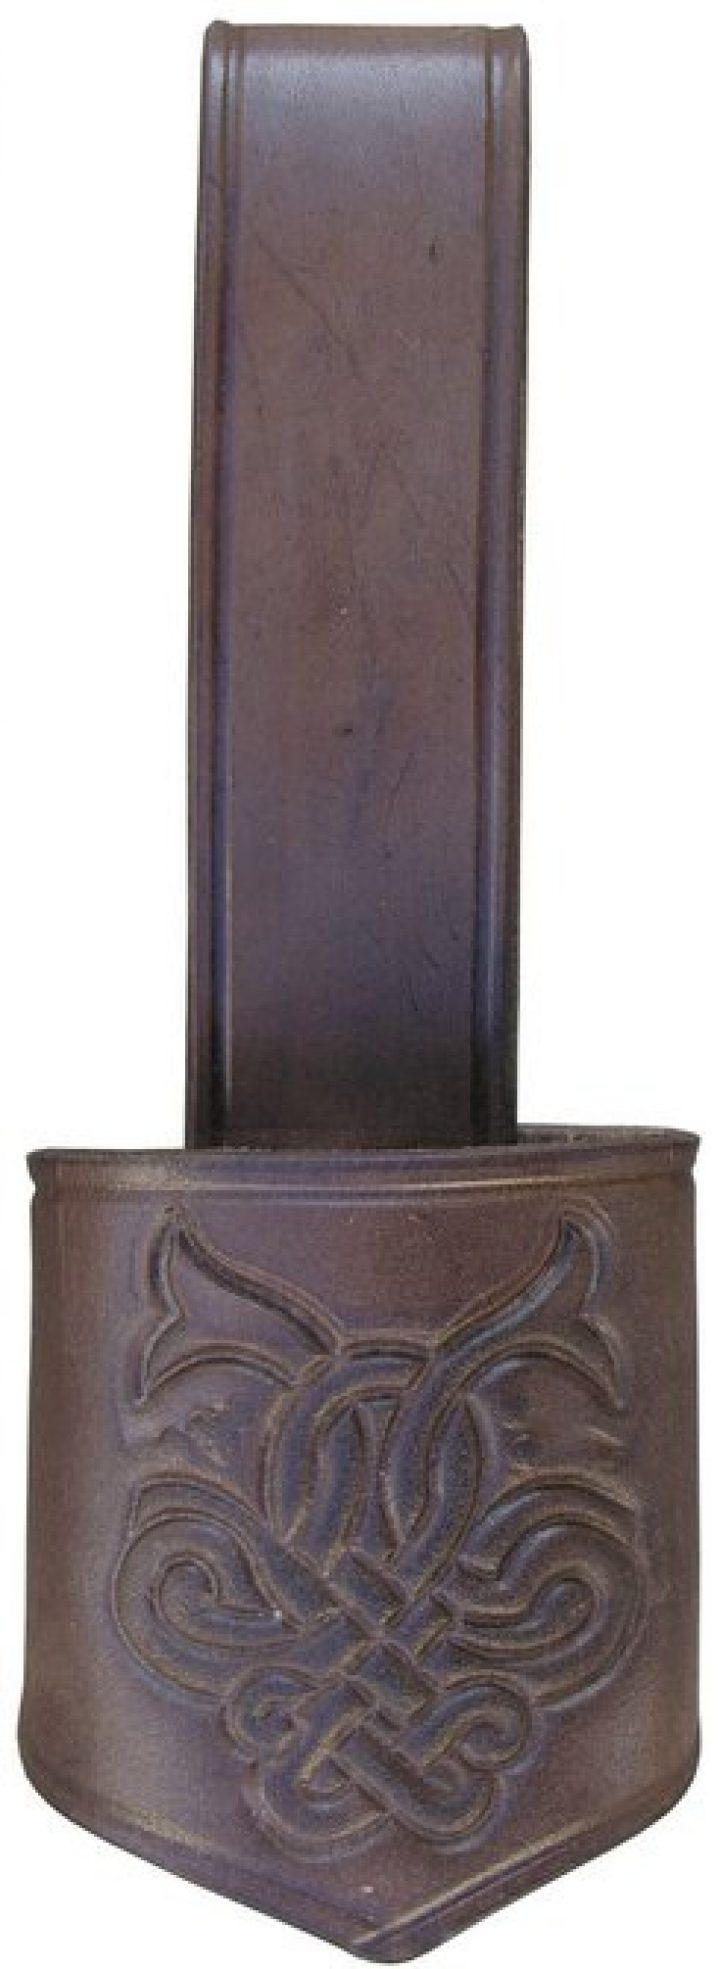 Drinkhoorn Houder hvmak-8035